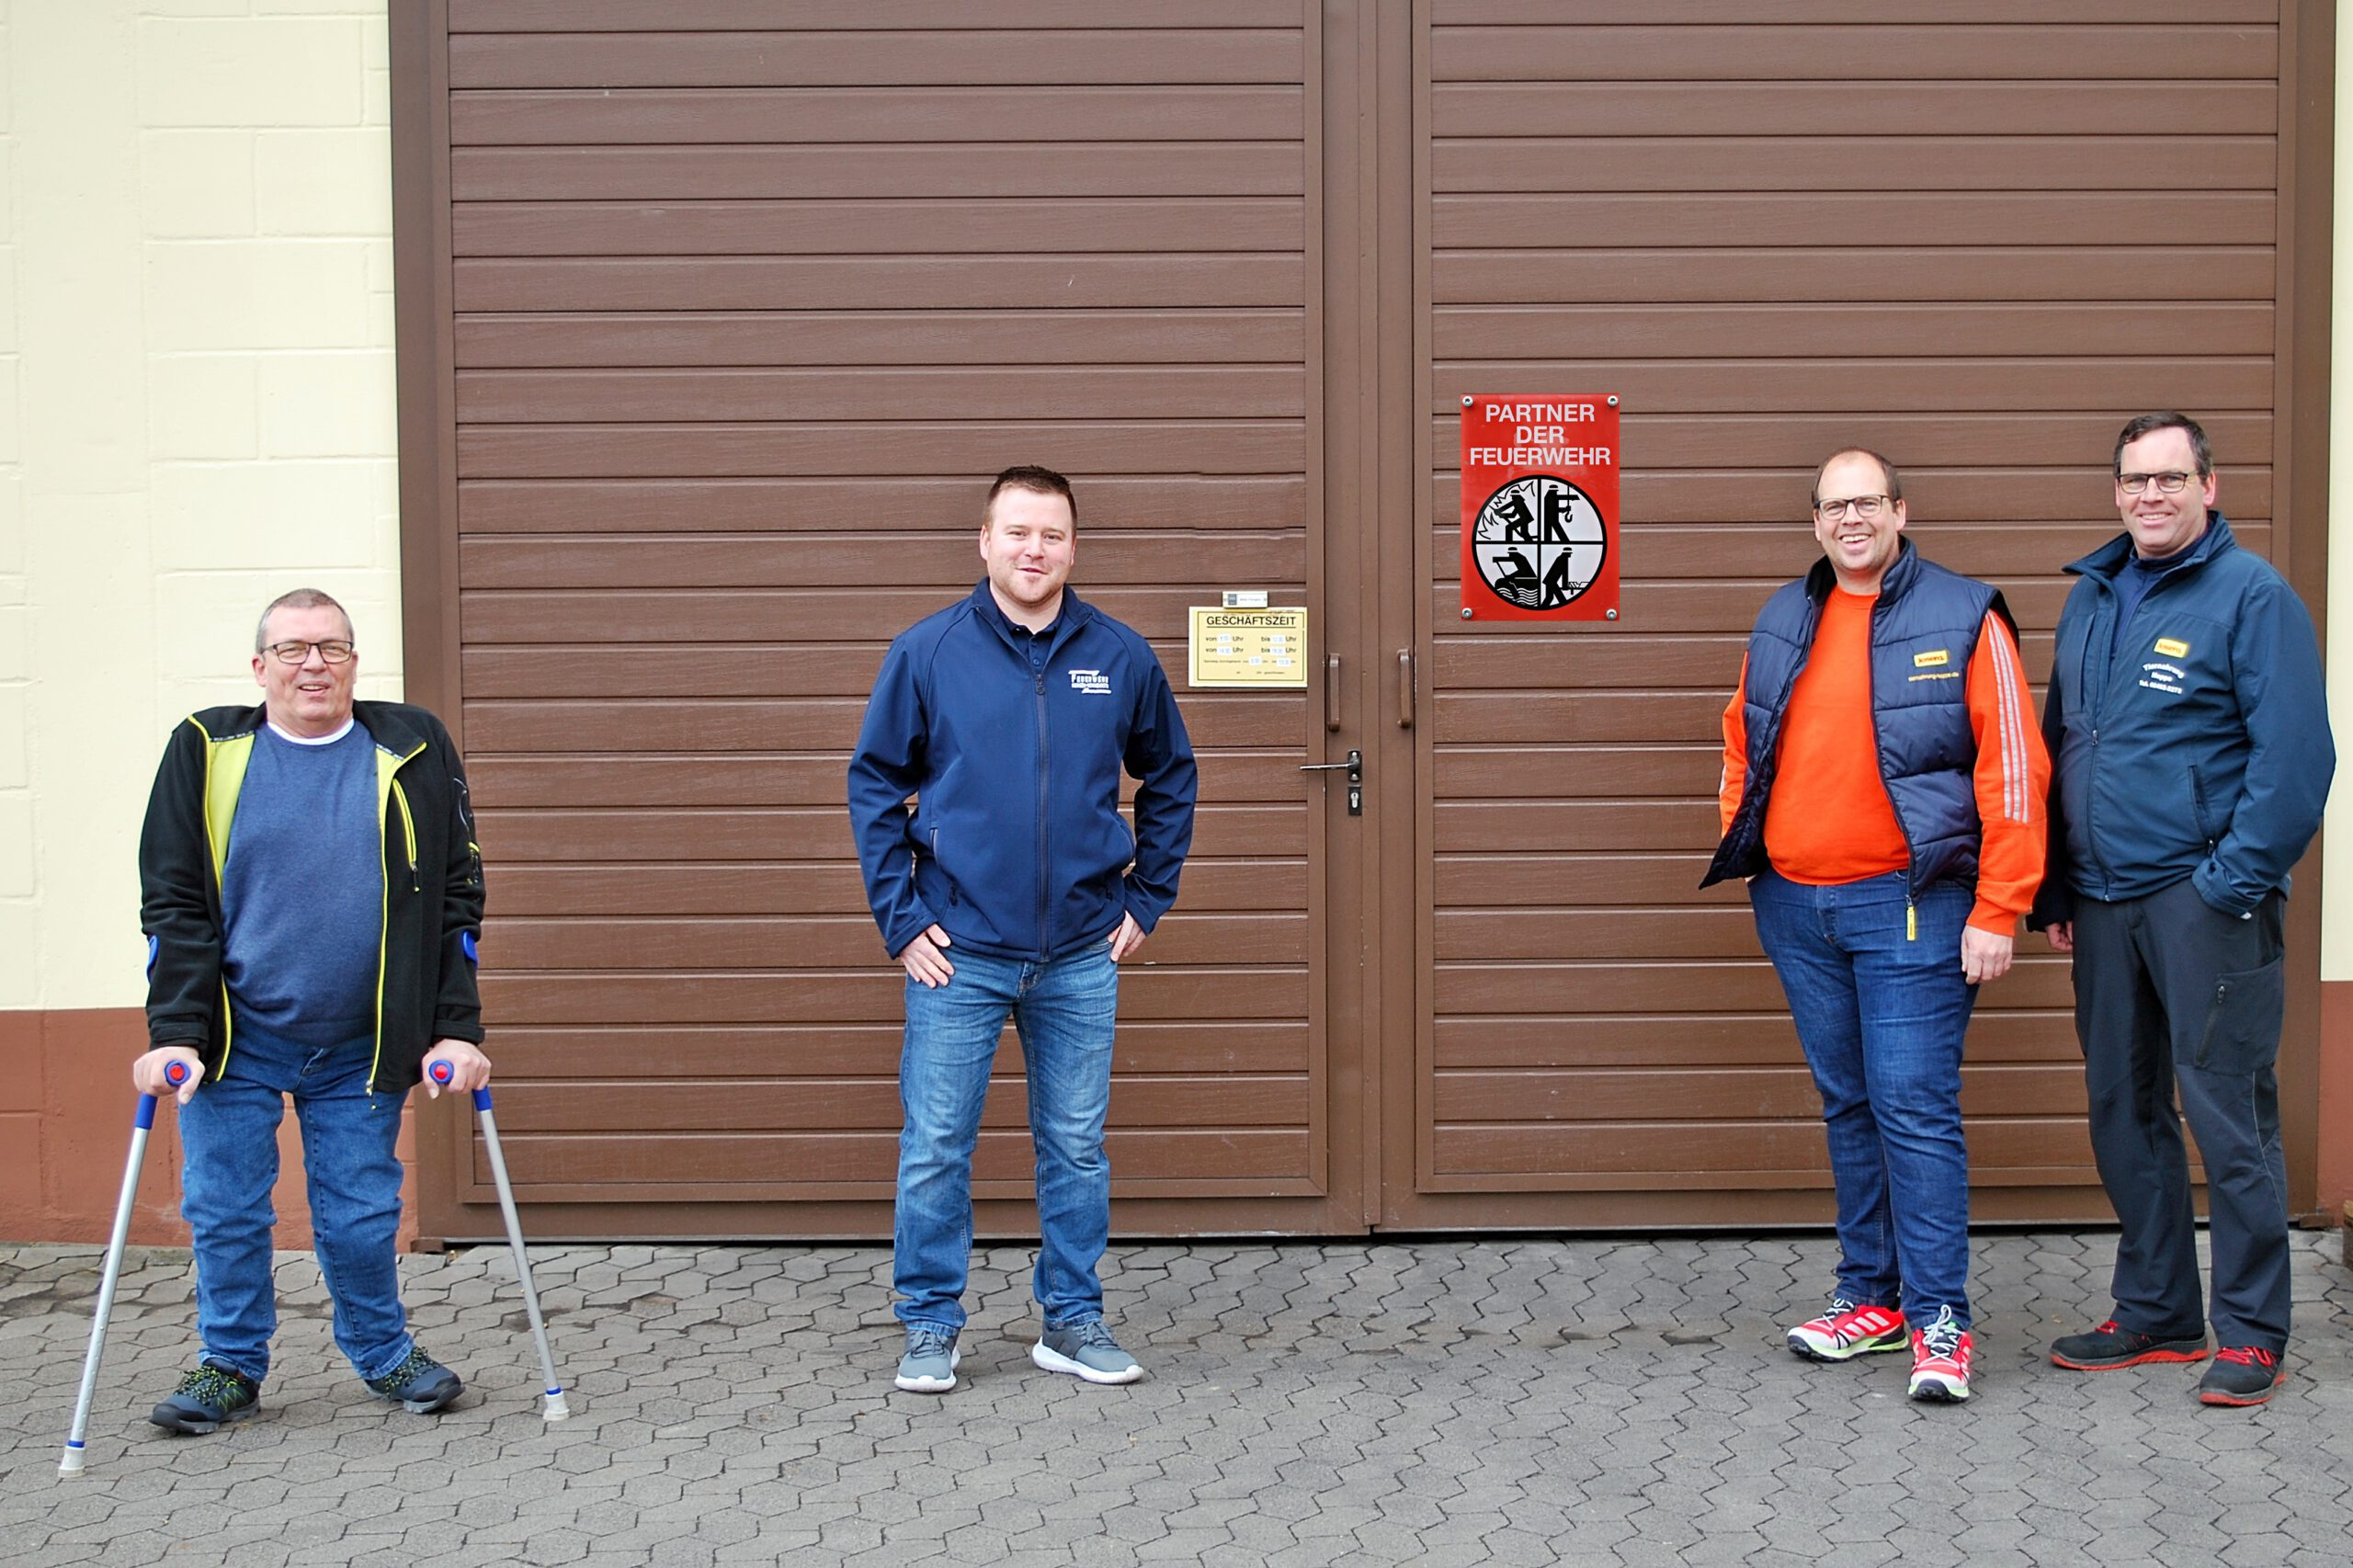 Feuerwehrverein freut sich über Spende von 1150 Euro durch Familienbetrieb Hoppe